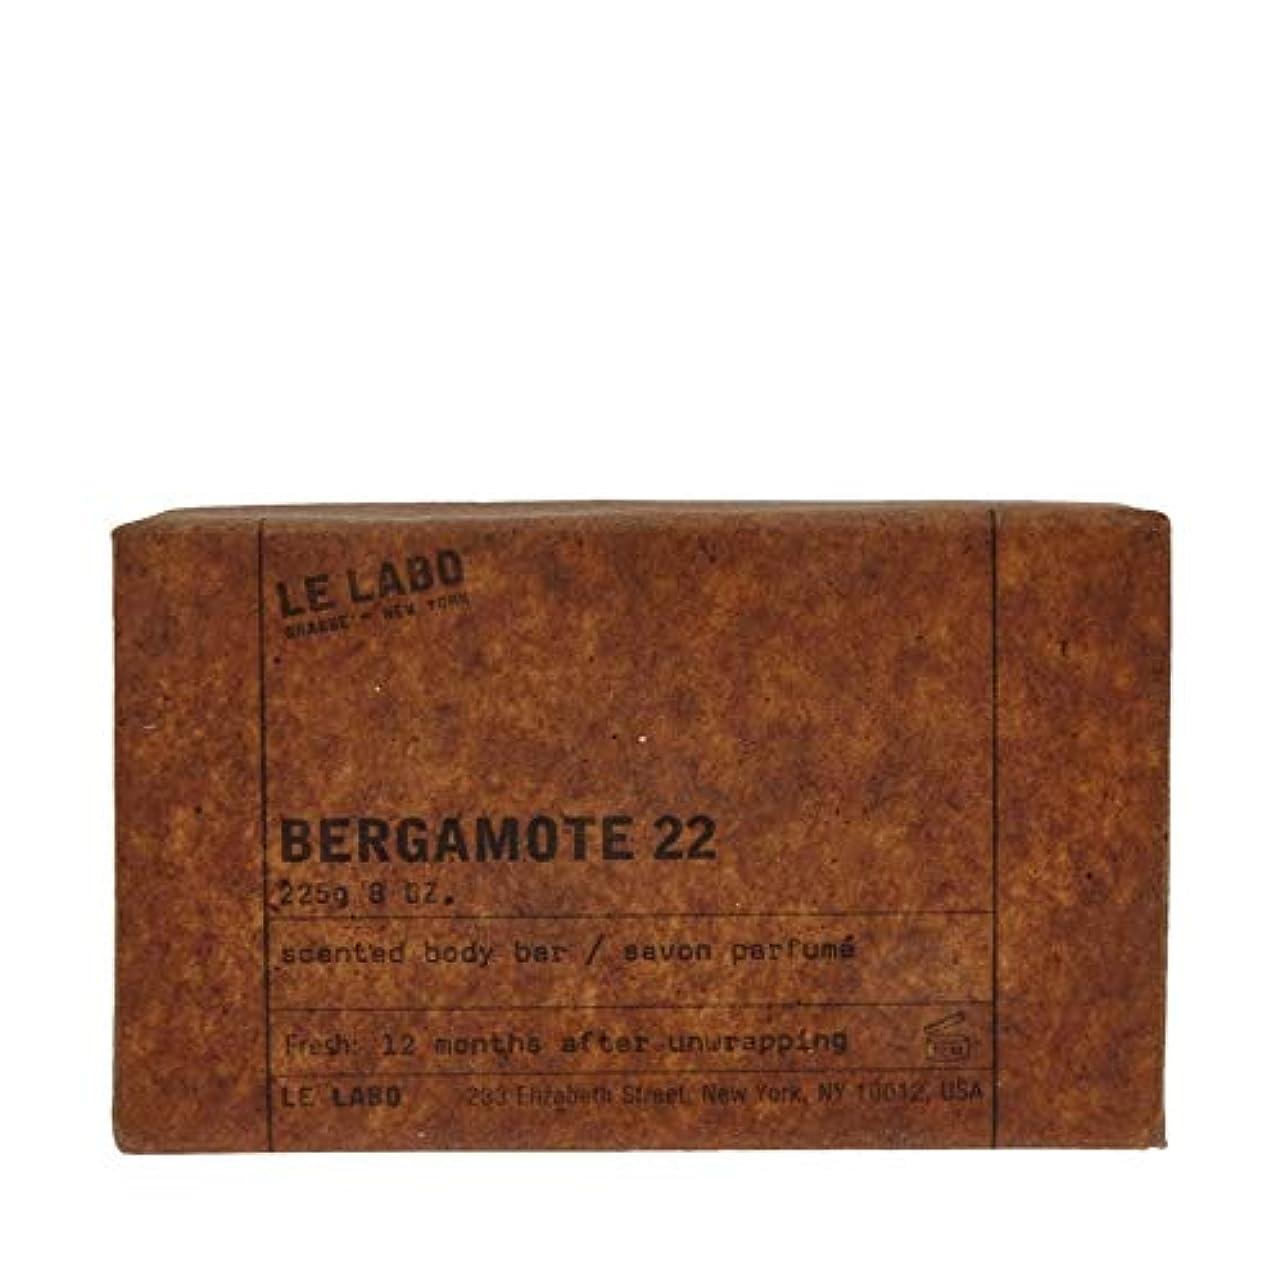 休憩する直接法律により[Le Labo ] ルラボBergamote 22石鹸225グラム - Le Labo Bergamote 22 Soap 225g [並行輸入品]